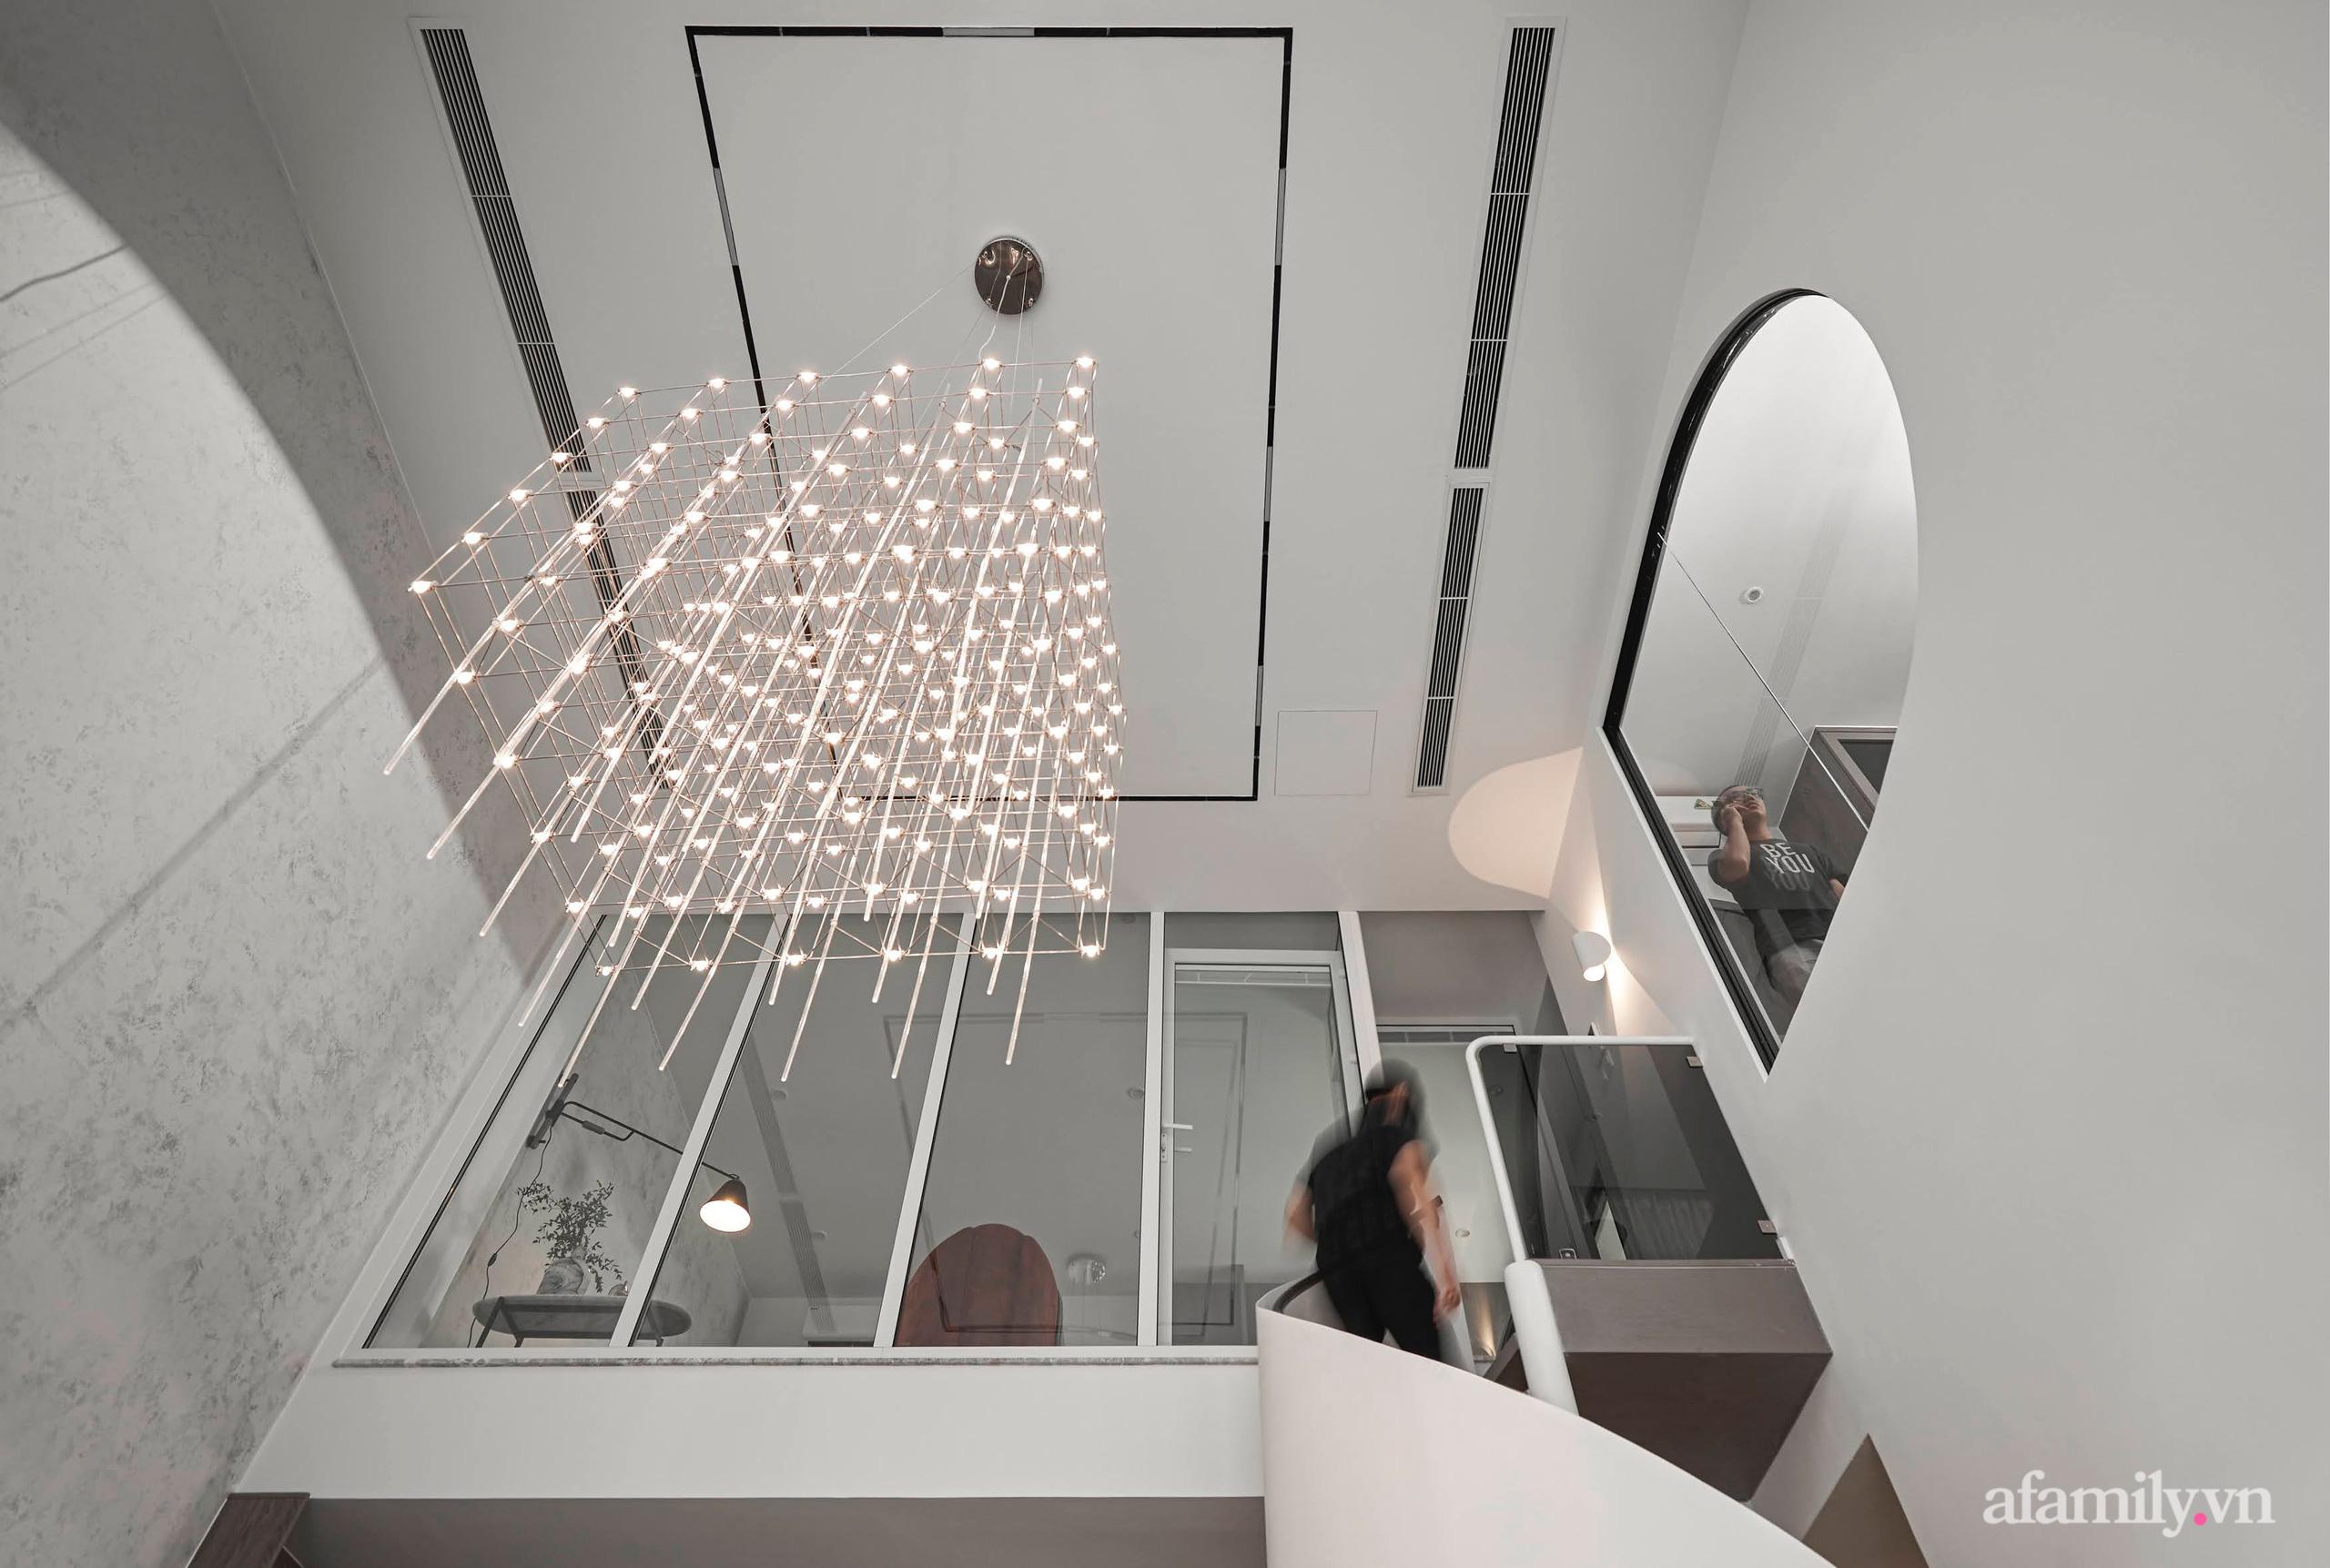 Căn hộ 2 tầng rộng 145m² đẹp sang trọng với điểm nhấn mộc mạc từ chất liệu bê tông ở Sài Gòn - Ảnh 6.